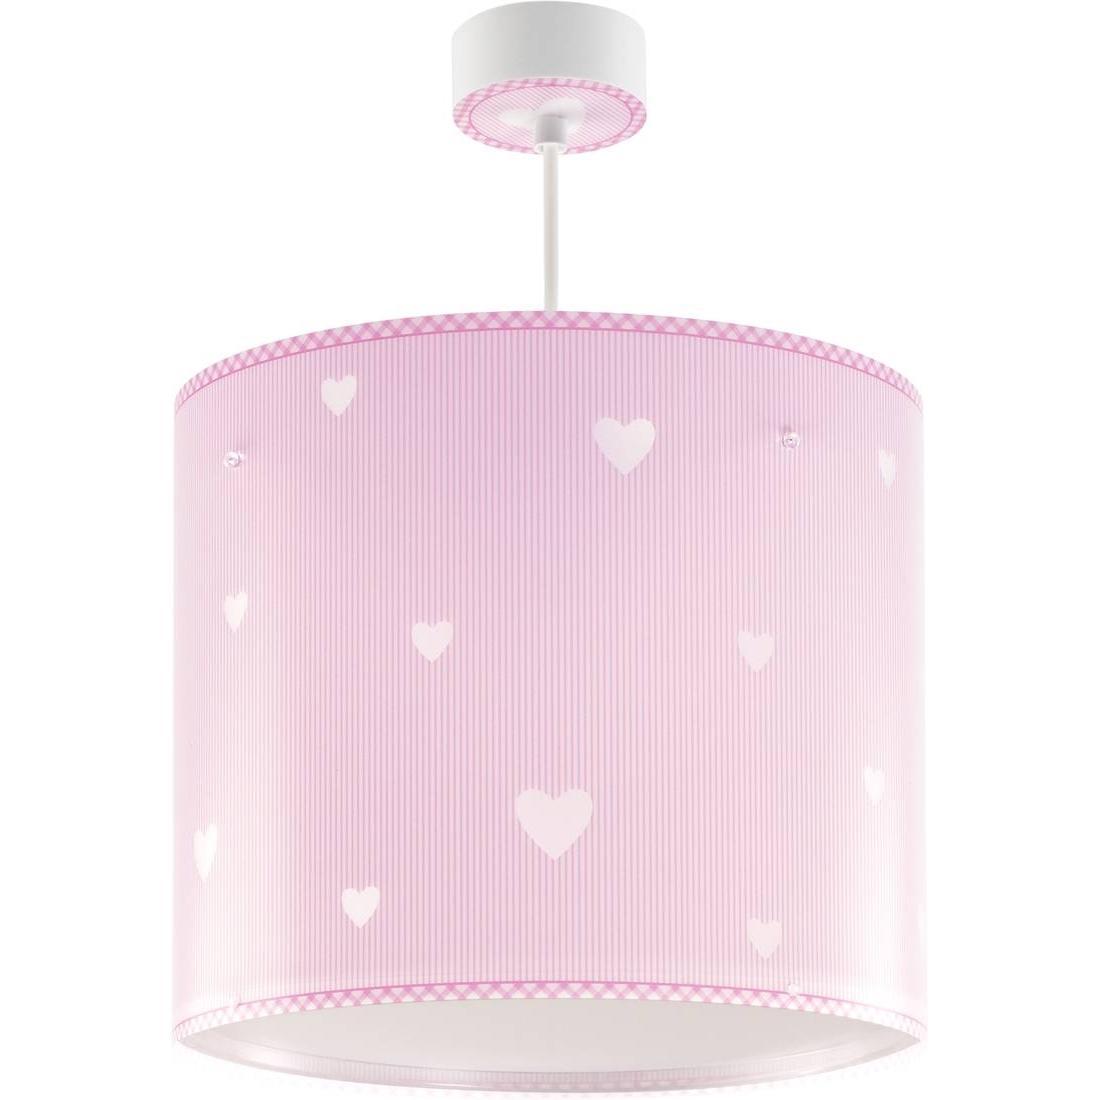 Dalber 62015S Sweet Dreams, Luz nocturna Corazones rosa, bombilla LED incluida, Clase de eficiencia energética A++